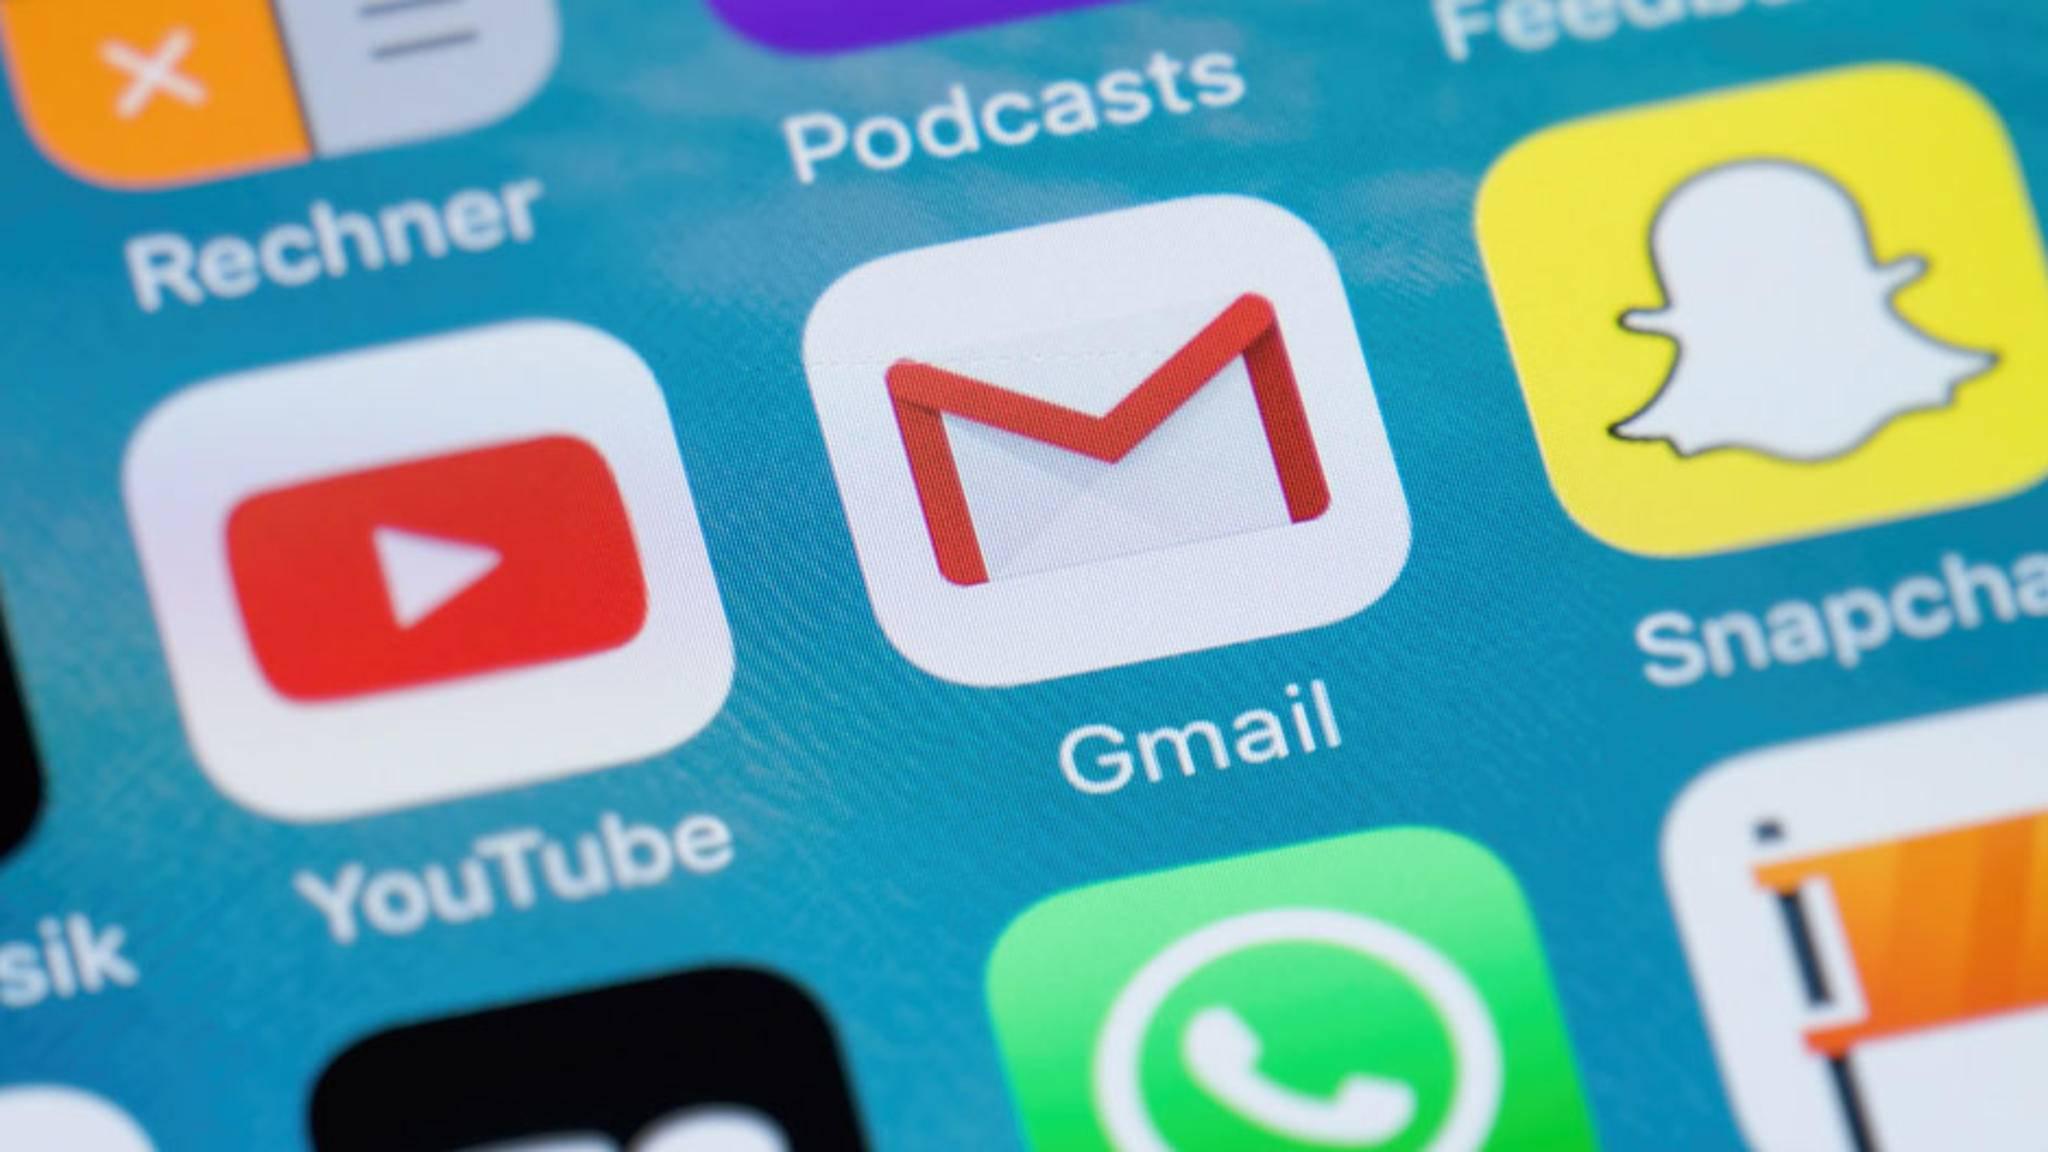 Gmail auf dem iPhone warnt in Zukunft noch besser vor Phishing-Attacken.